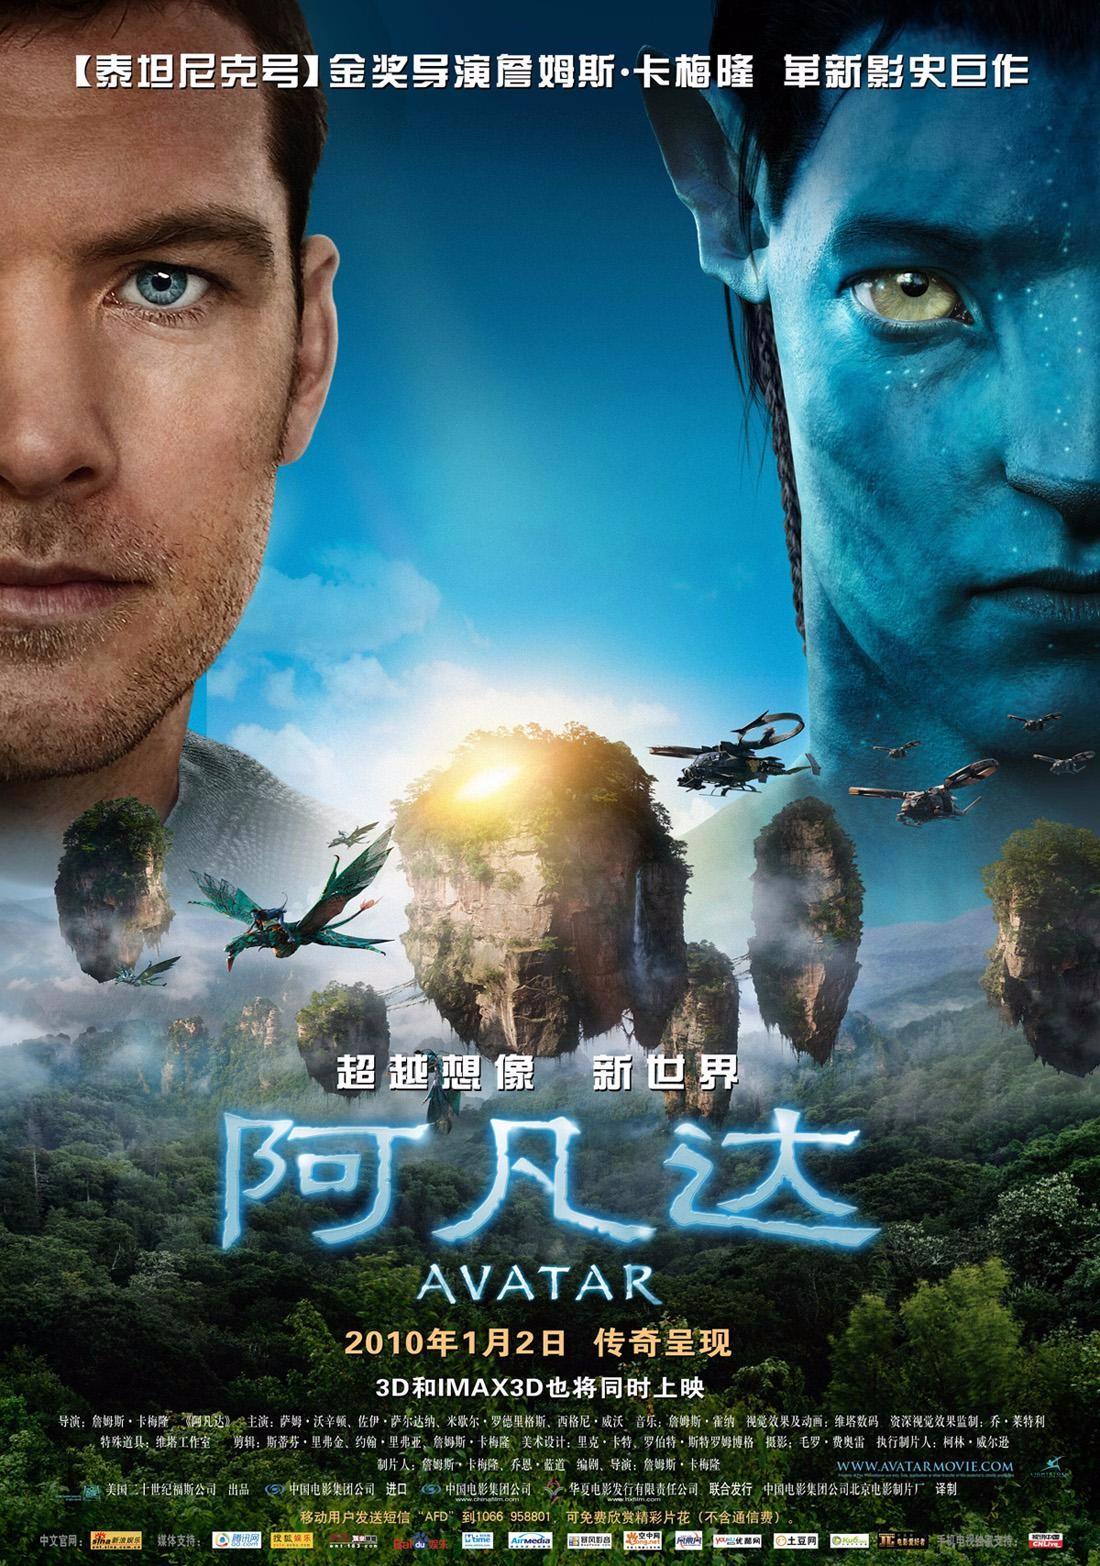 《阿凡达》北京电影节续写神话 卡梅隆盖章《阿丽塔:战斗天使》